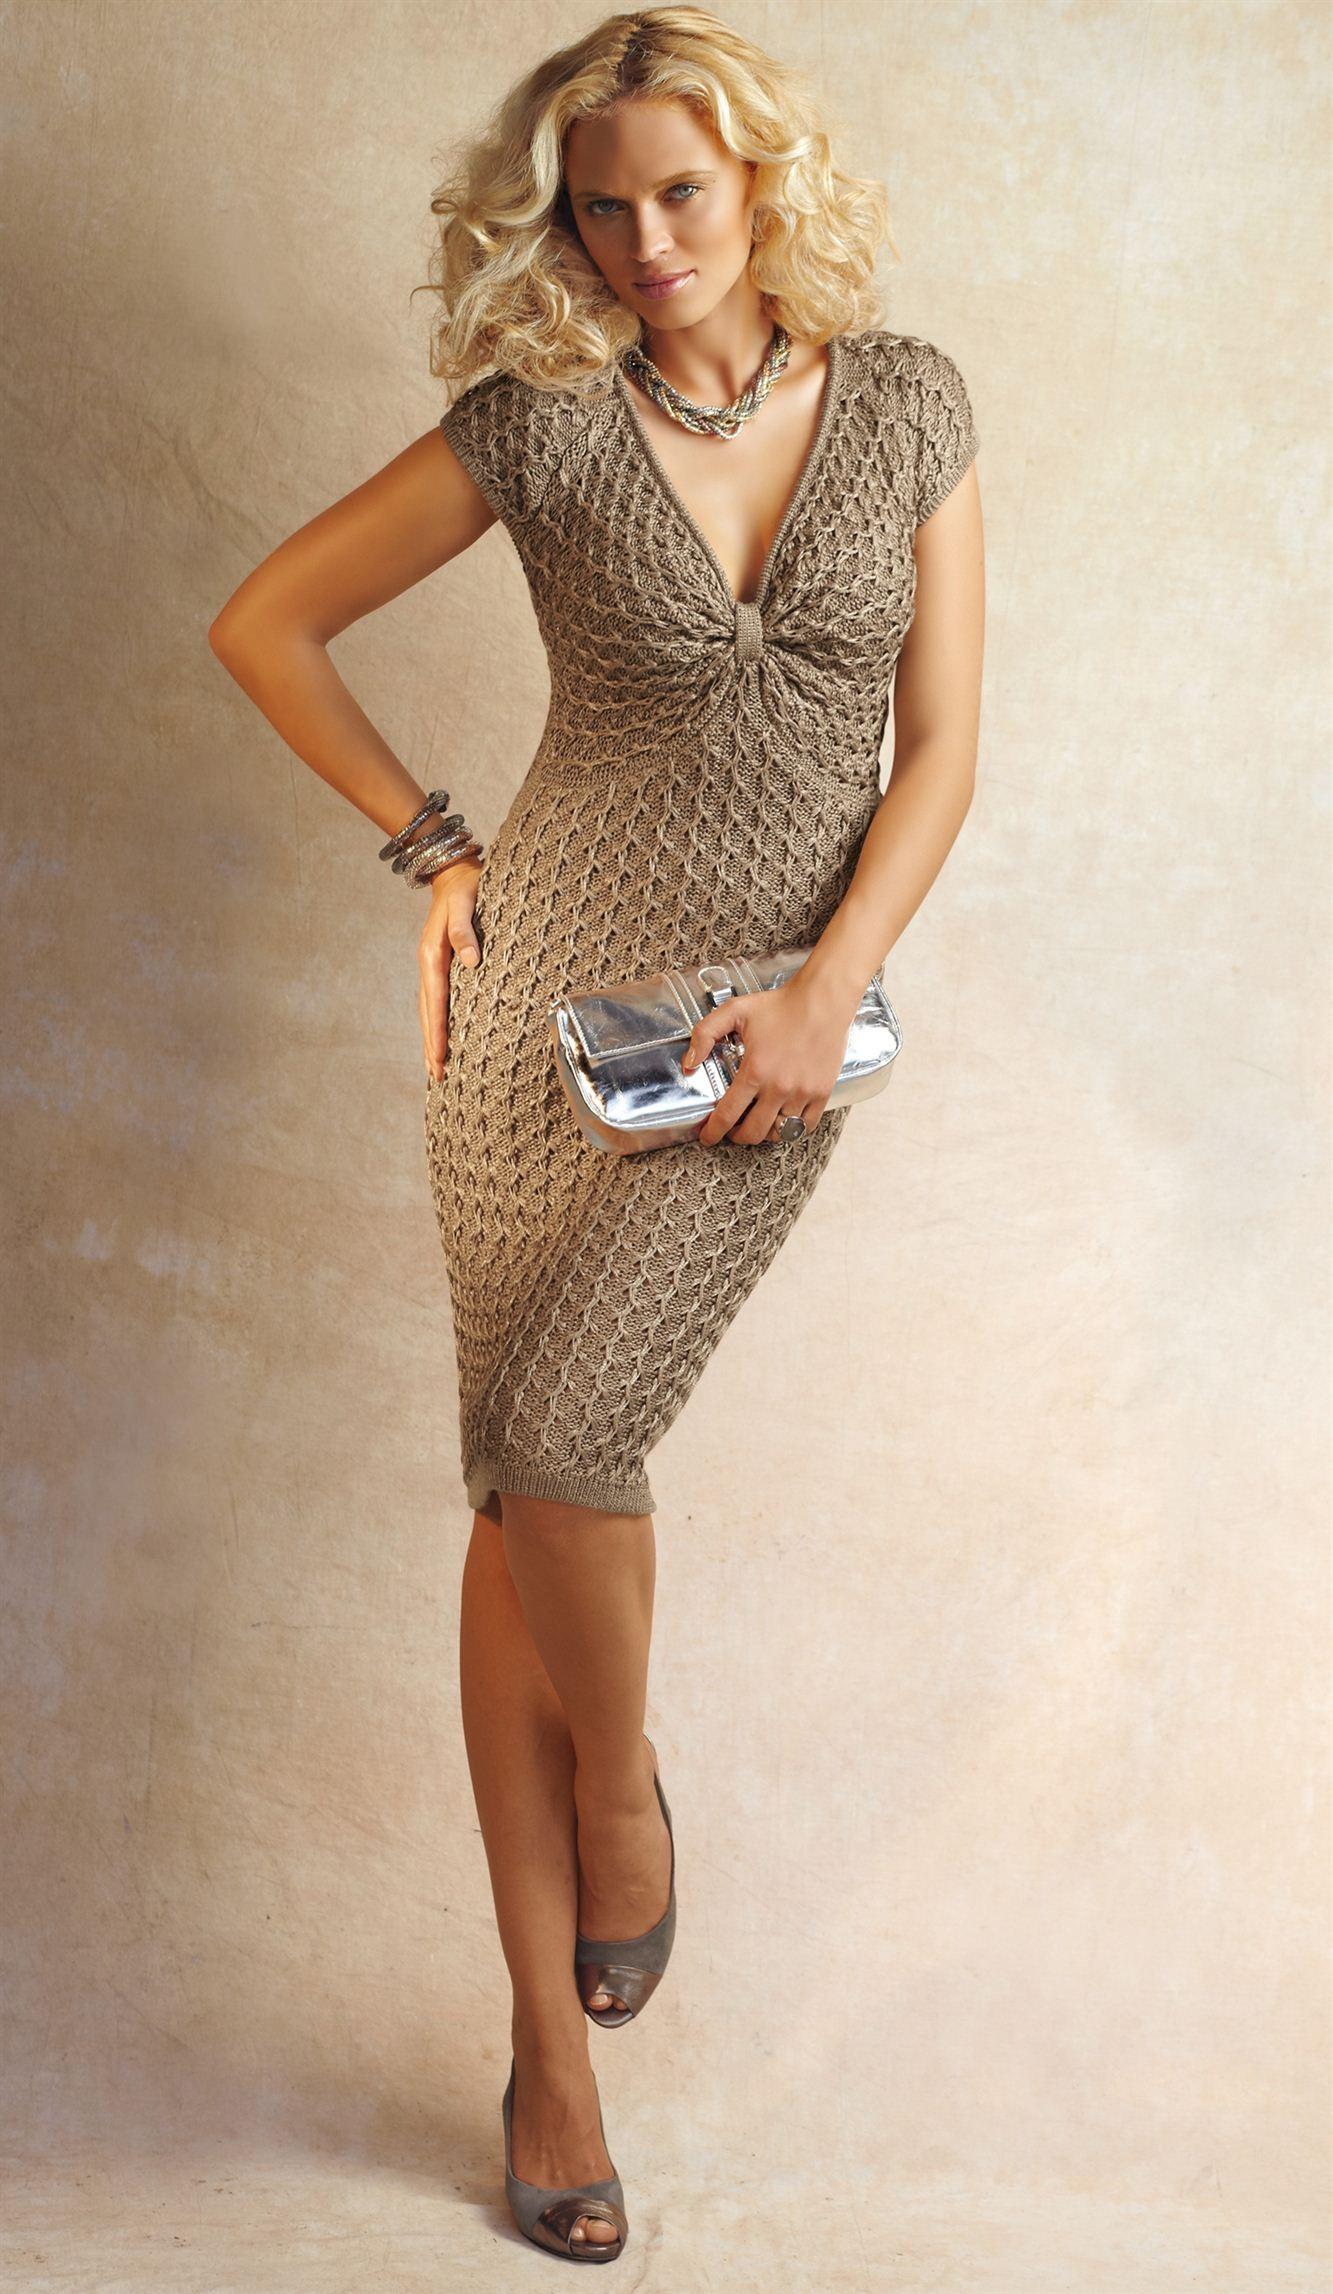 Hintergrundbilder : Modell-, blond, Muster, Mode, Frühling, Kleidung ...